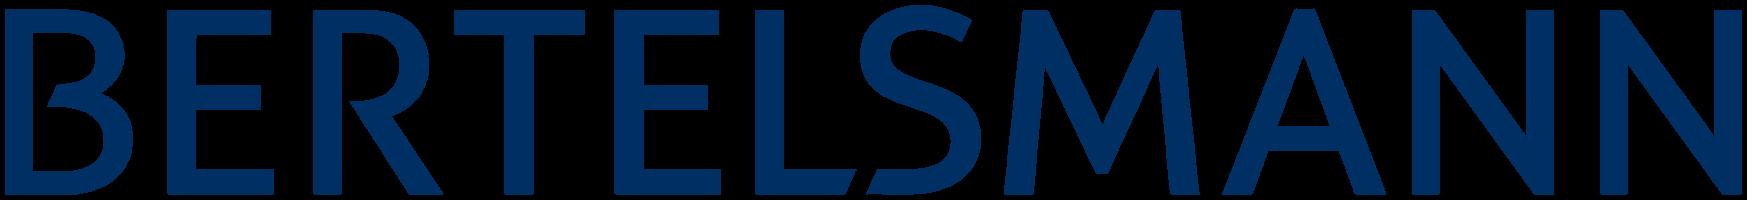 Logo Bertelsmann   Referenz Event-Tech-Partner